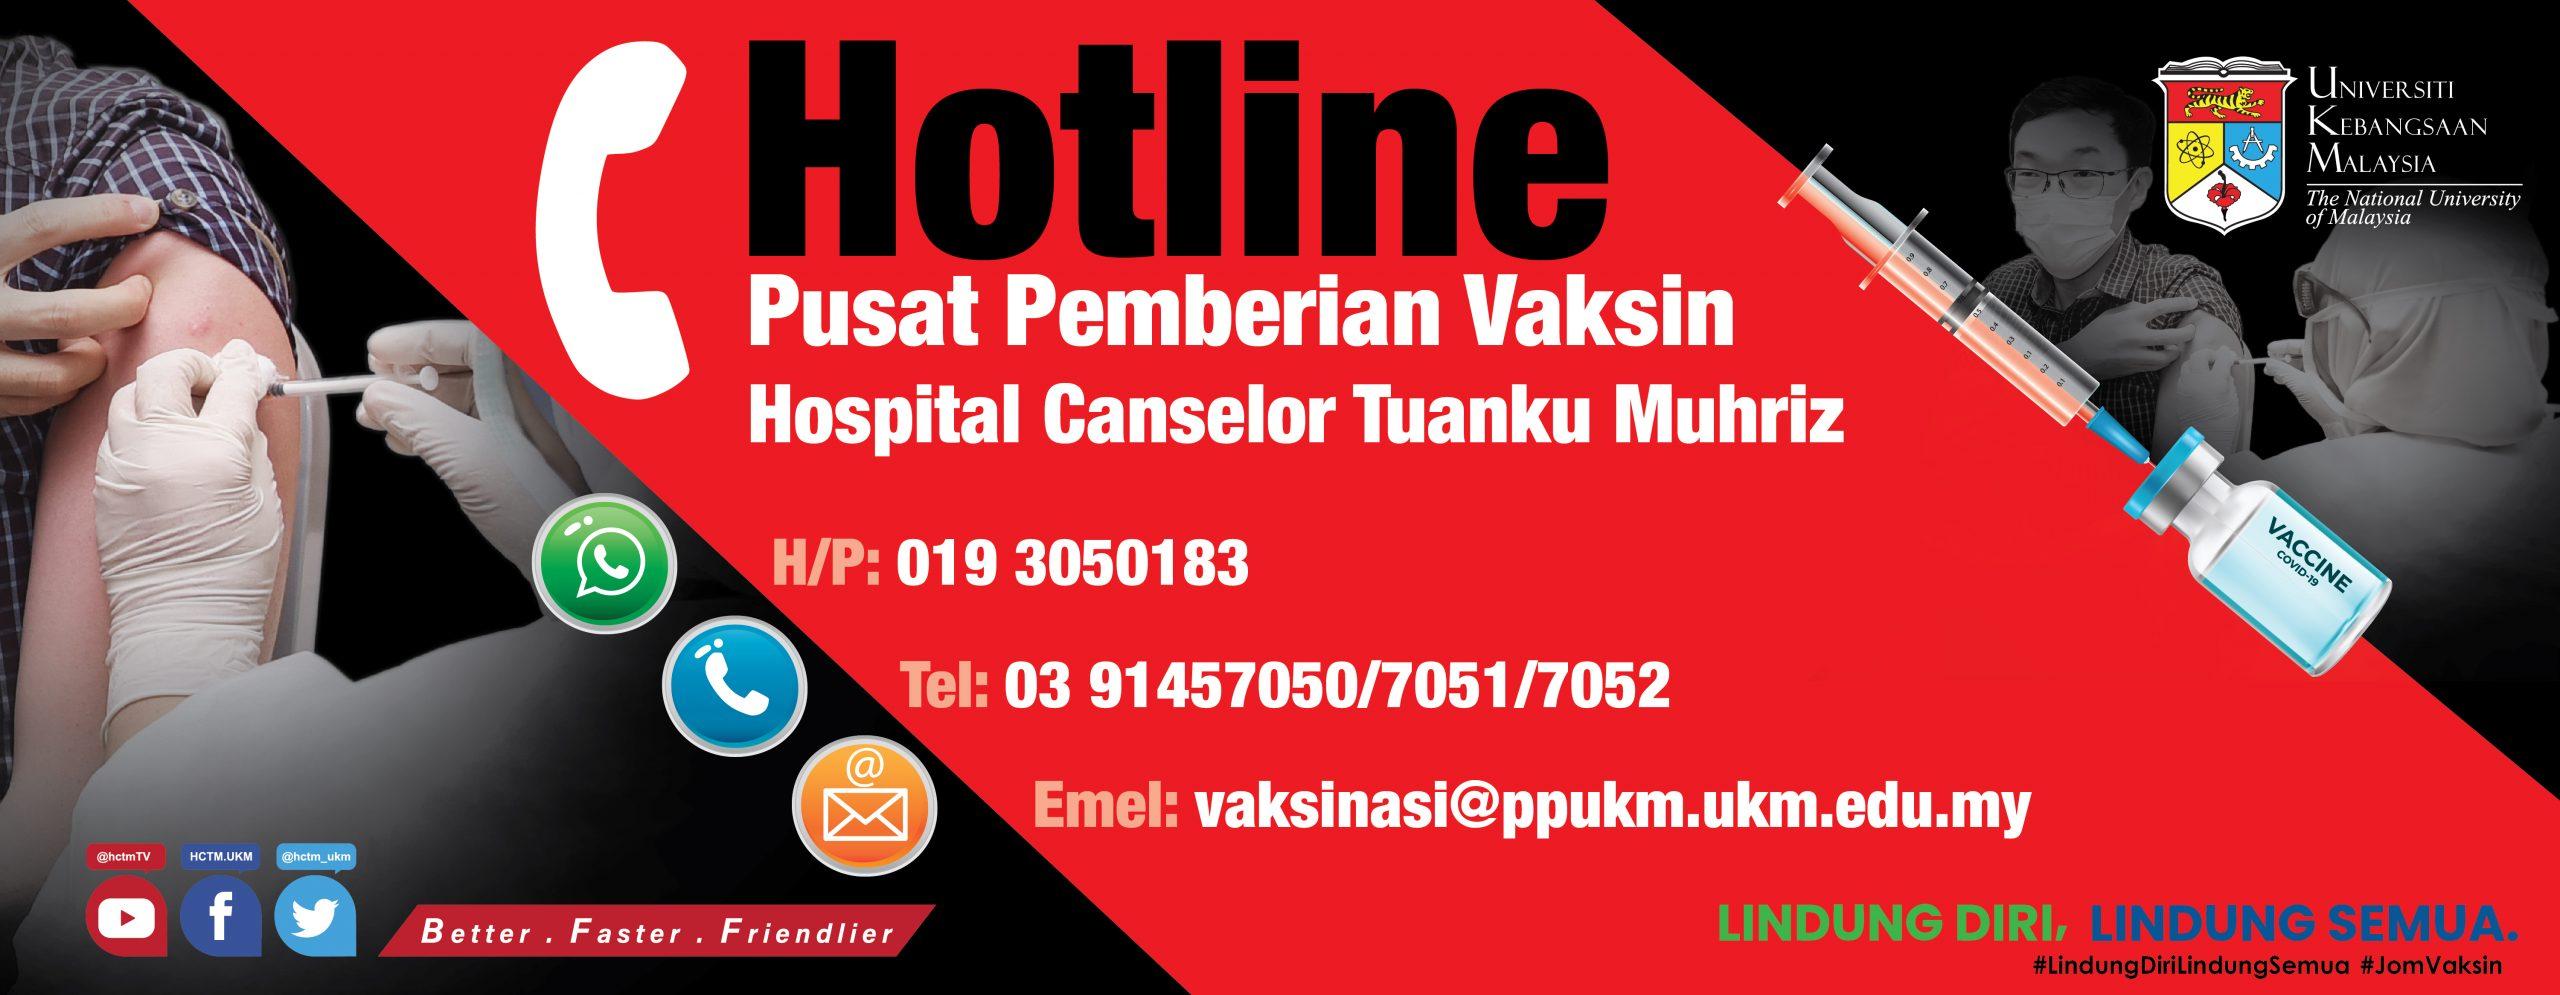 2021 Digital Web KKL HOTLINE PPV HCTM-01-01